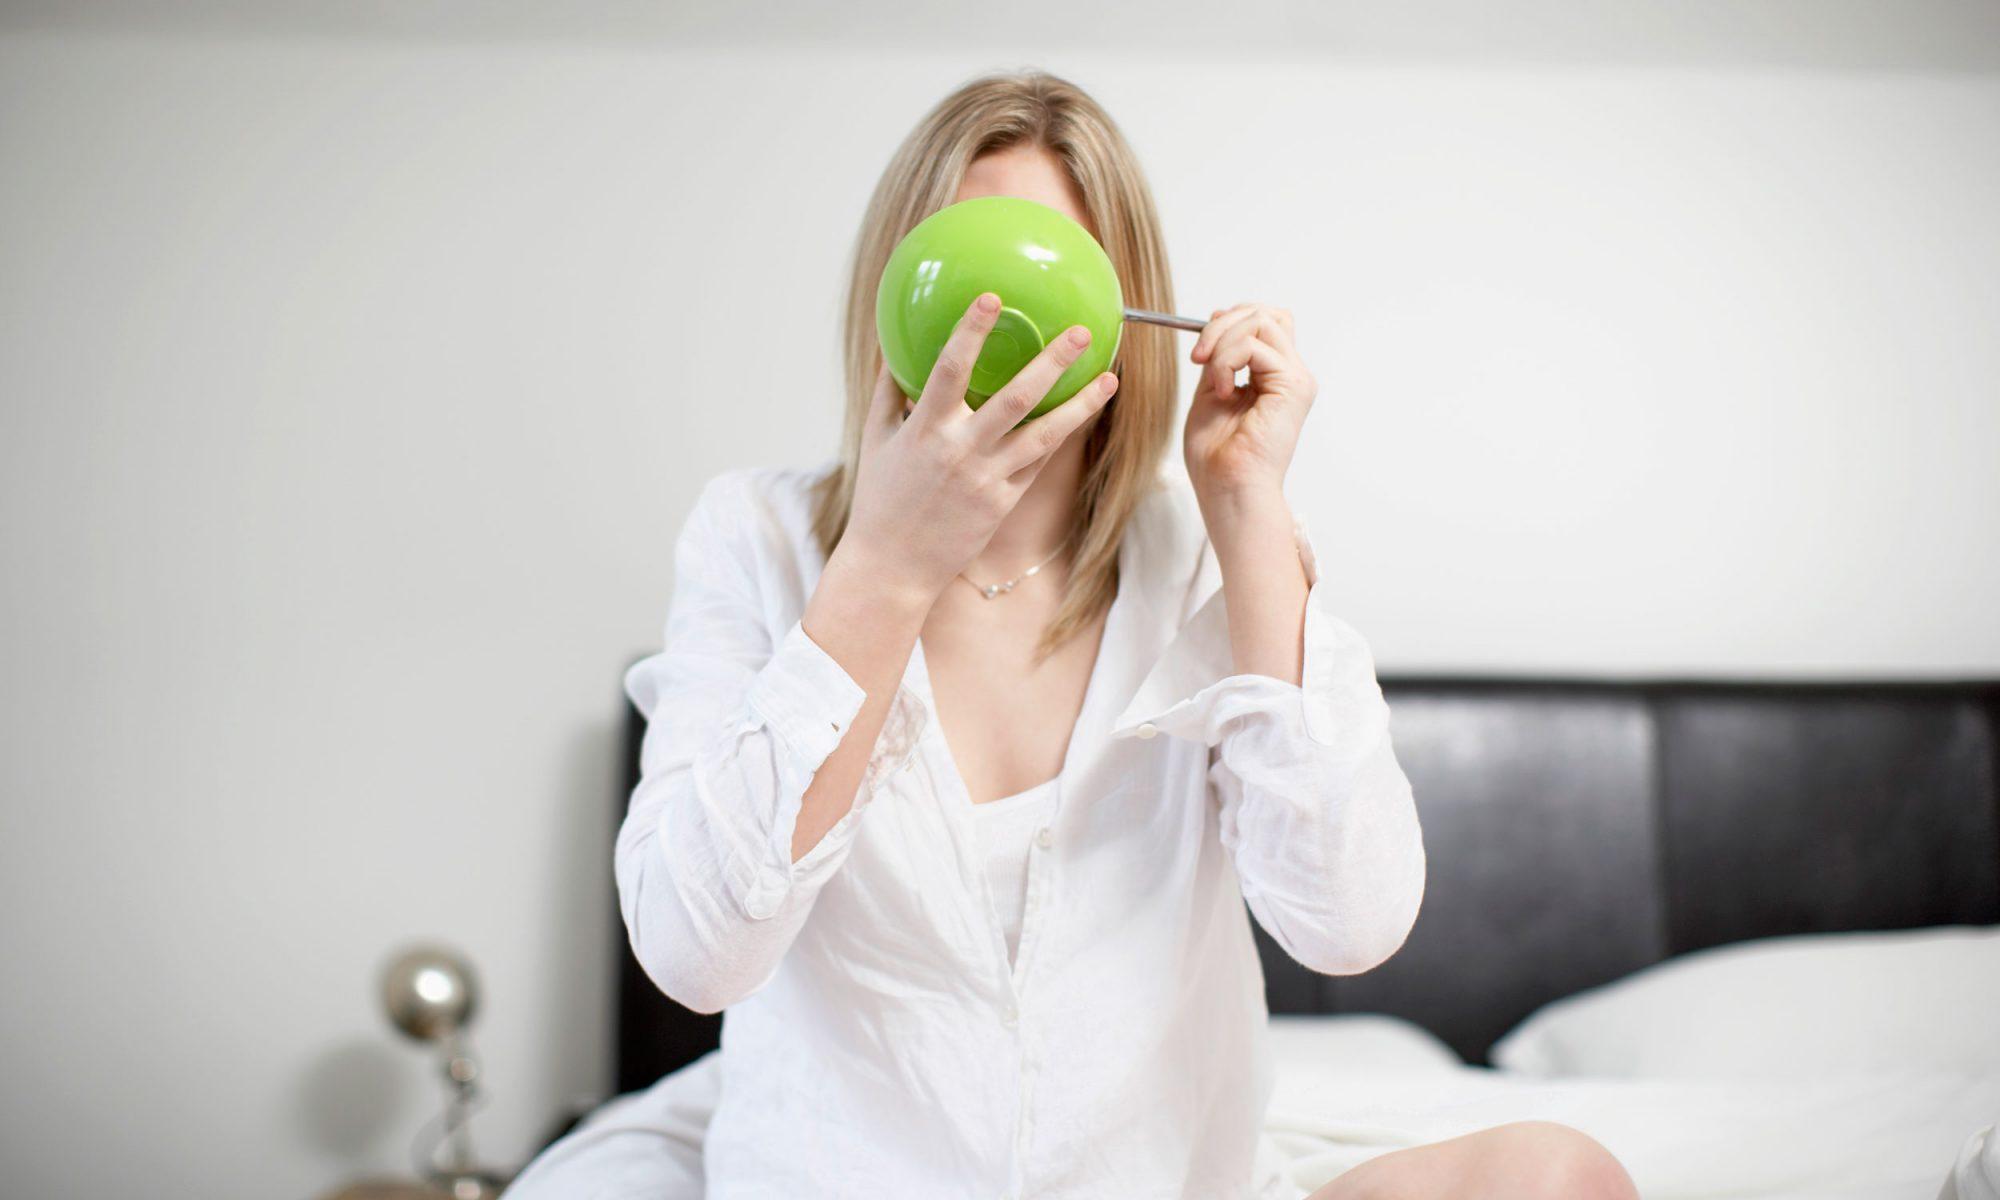 EC: In Defense of Feminine Eating